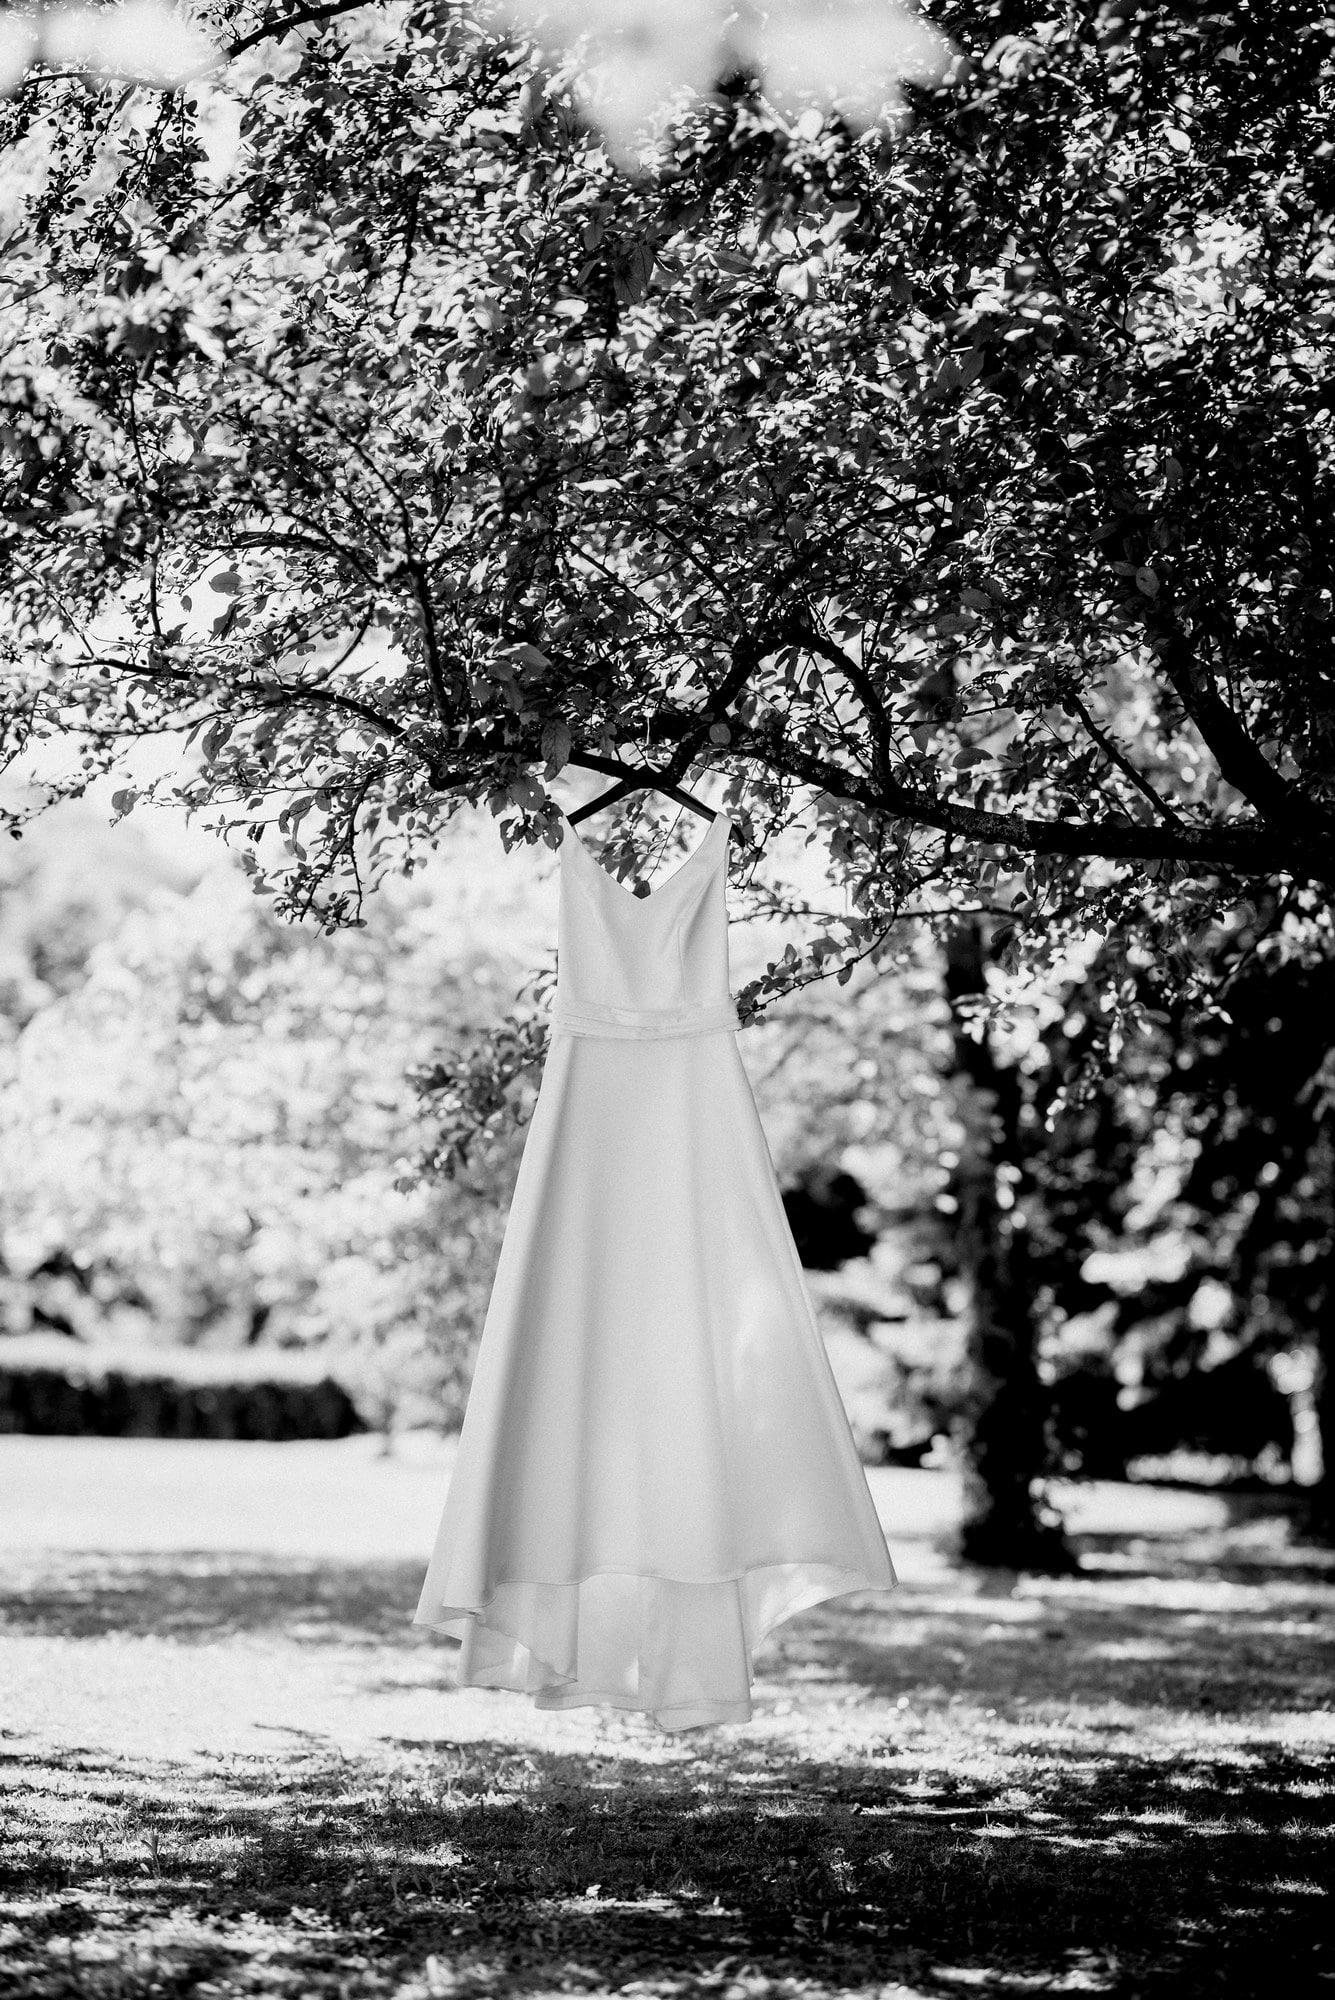 Brautkleid Baum schwarz weiß Blätte Äste